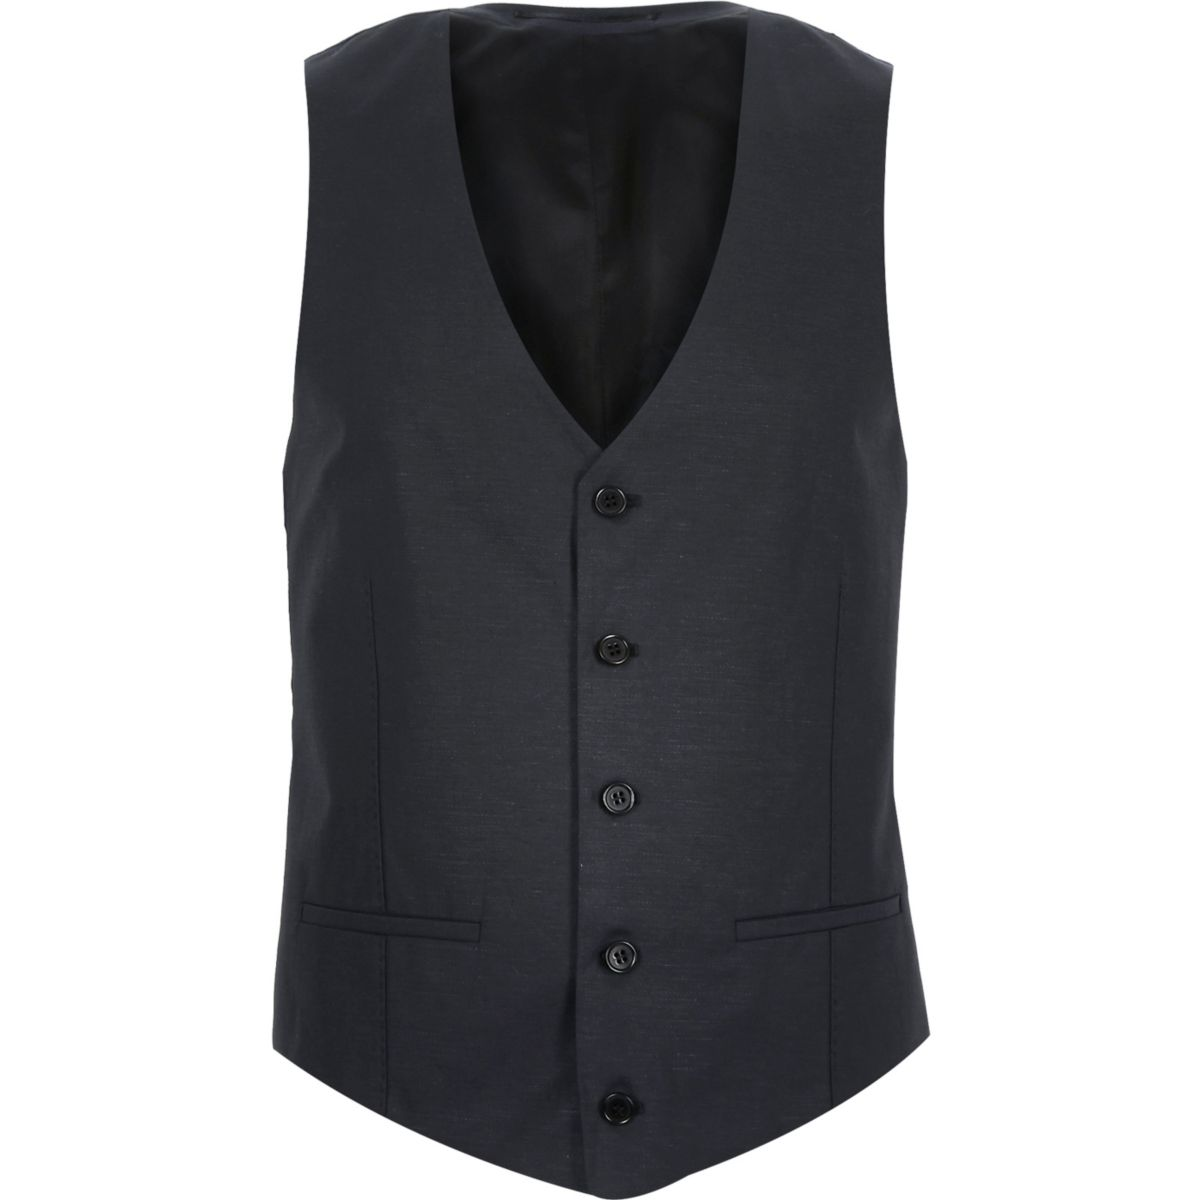 Navy linen-blend suit waistcoat